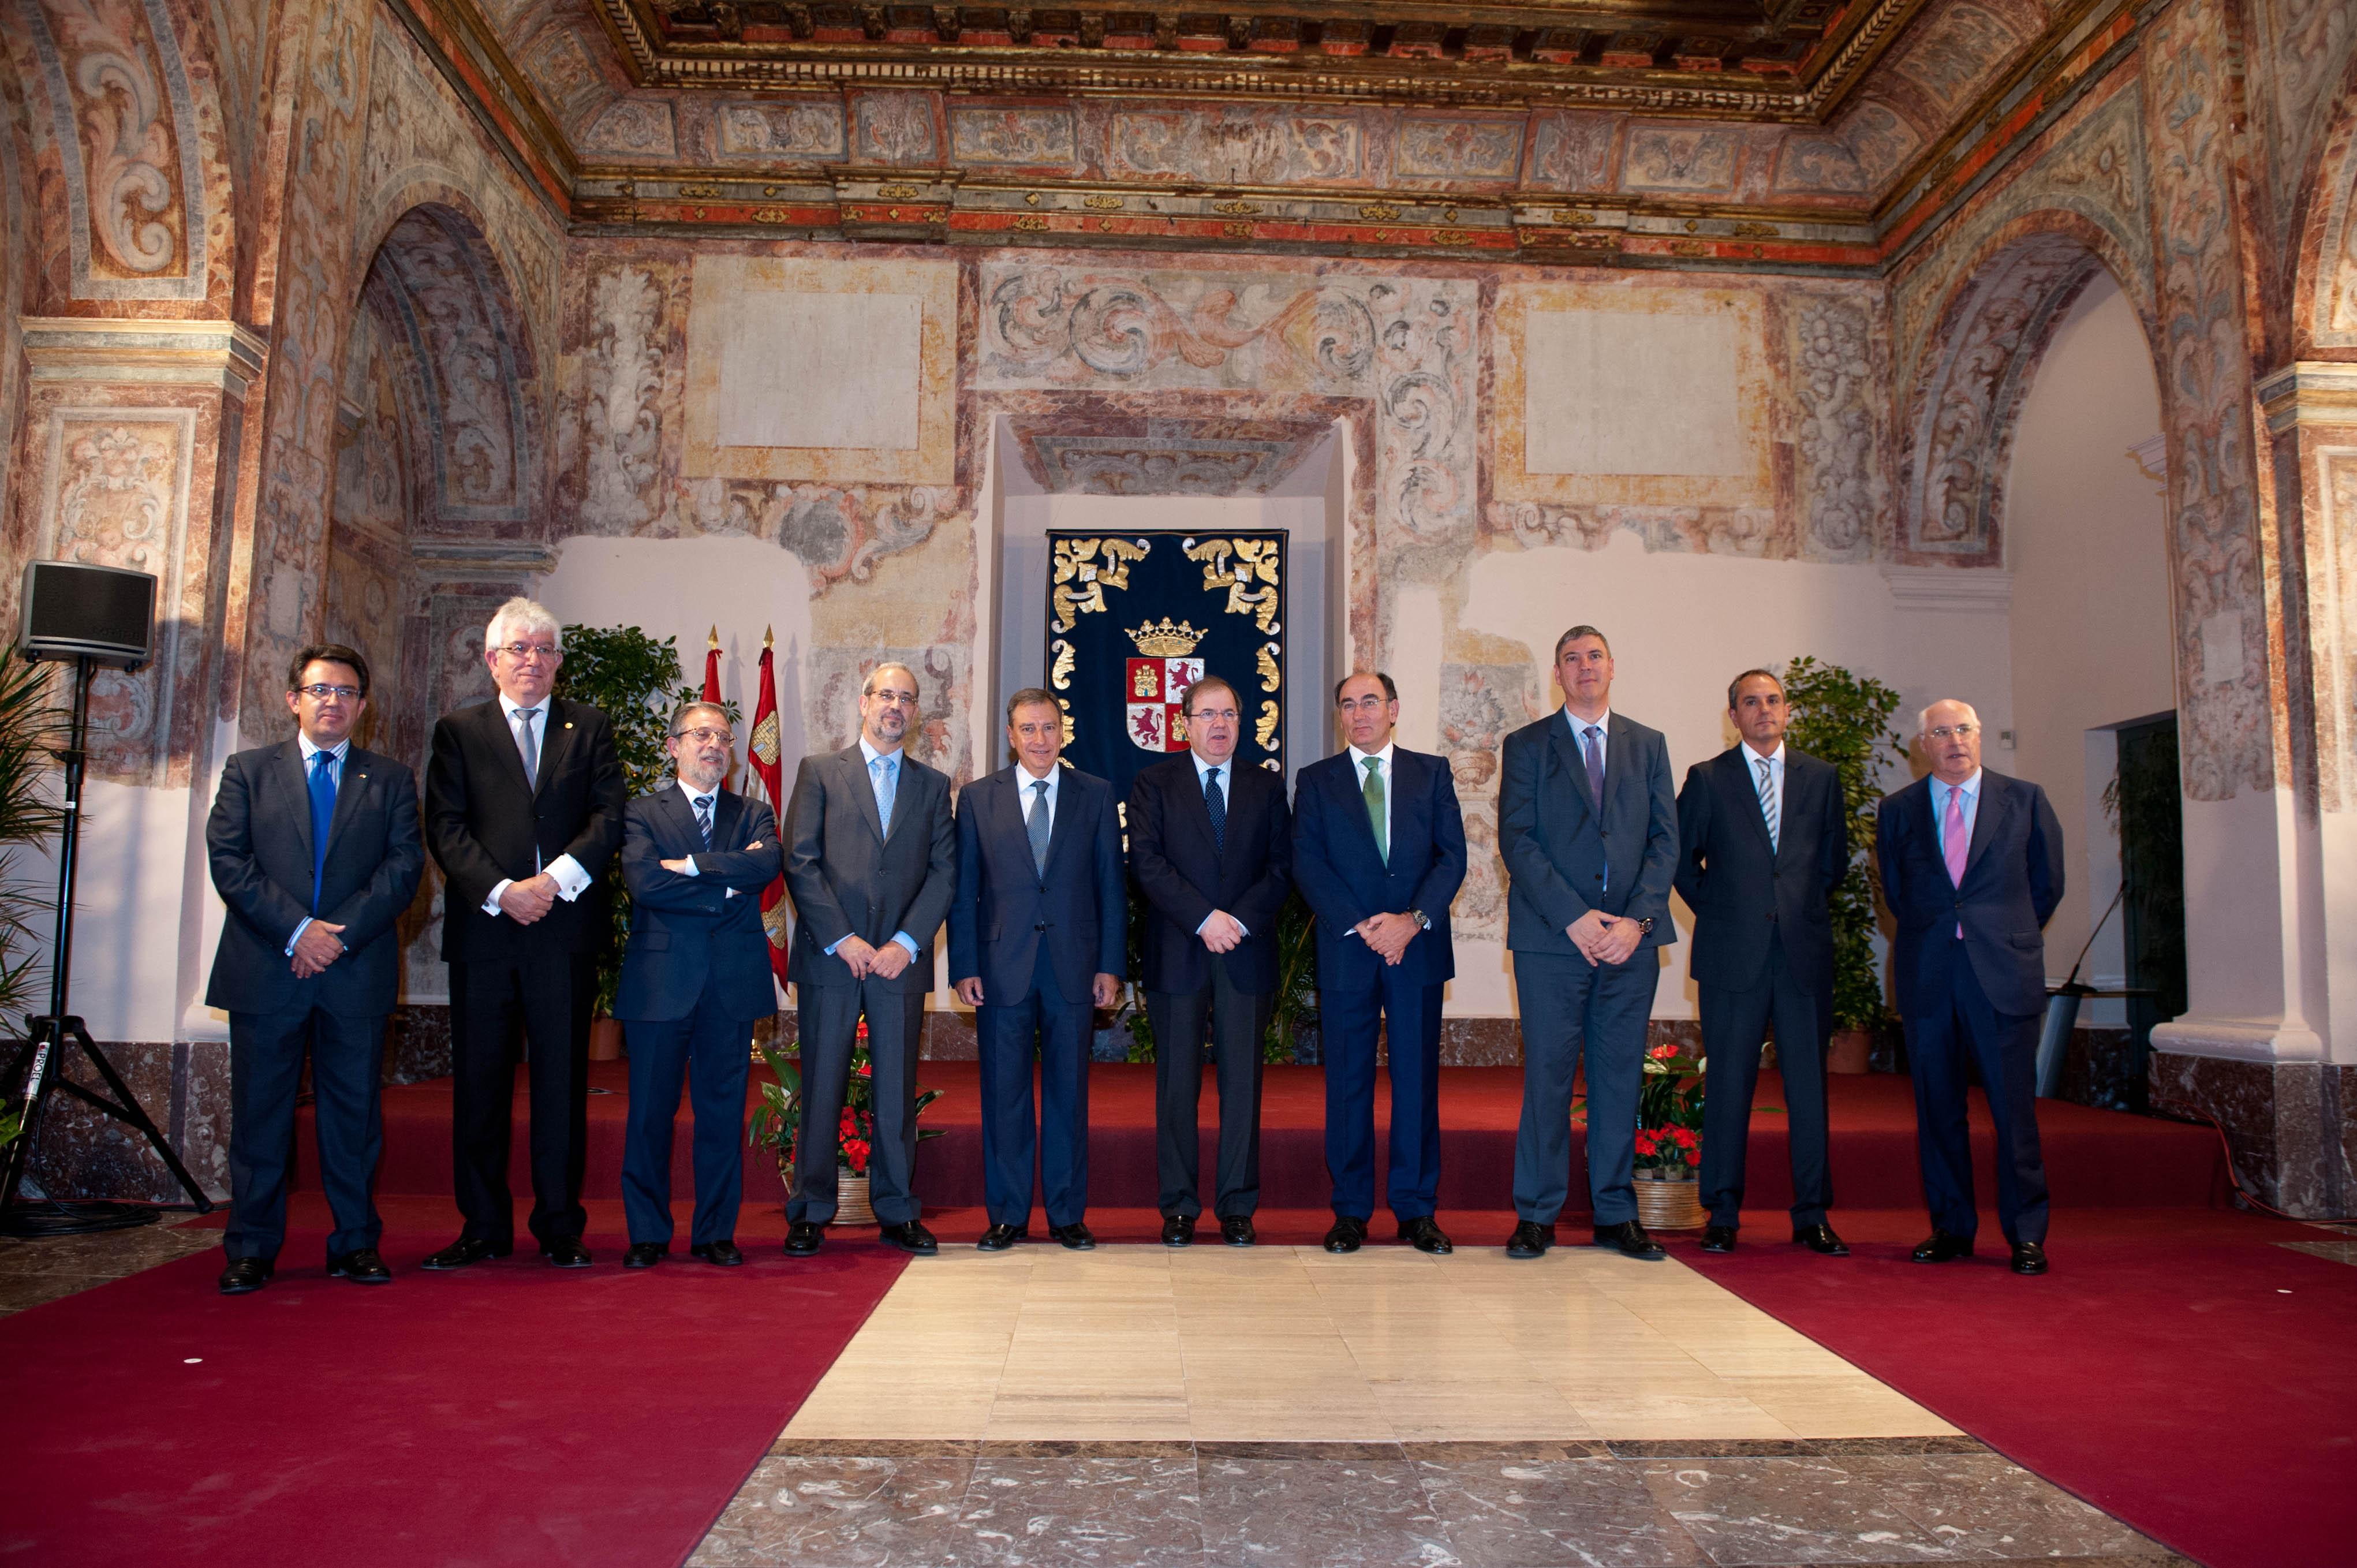 El rector asiste a la toma de posesión del nuevo presidente del Consejo Social de la Universidad de Salamanca